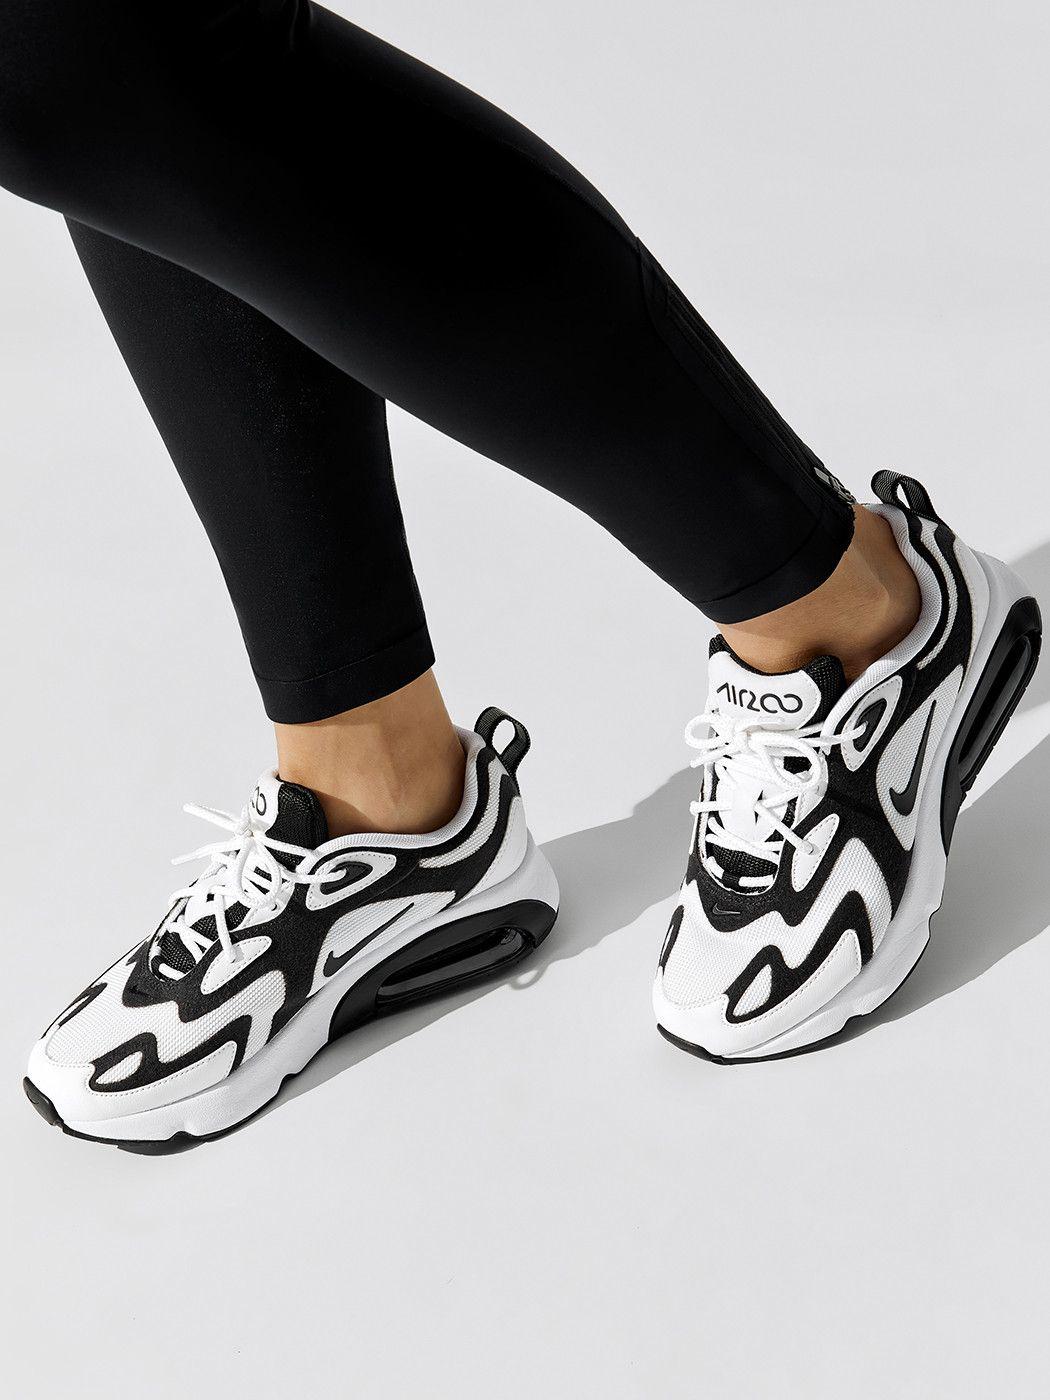 revolución un millón musical  NIKE AIR MAX 200 | Nike shoes women fashion, Nike air shoes, Nike air max